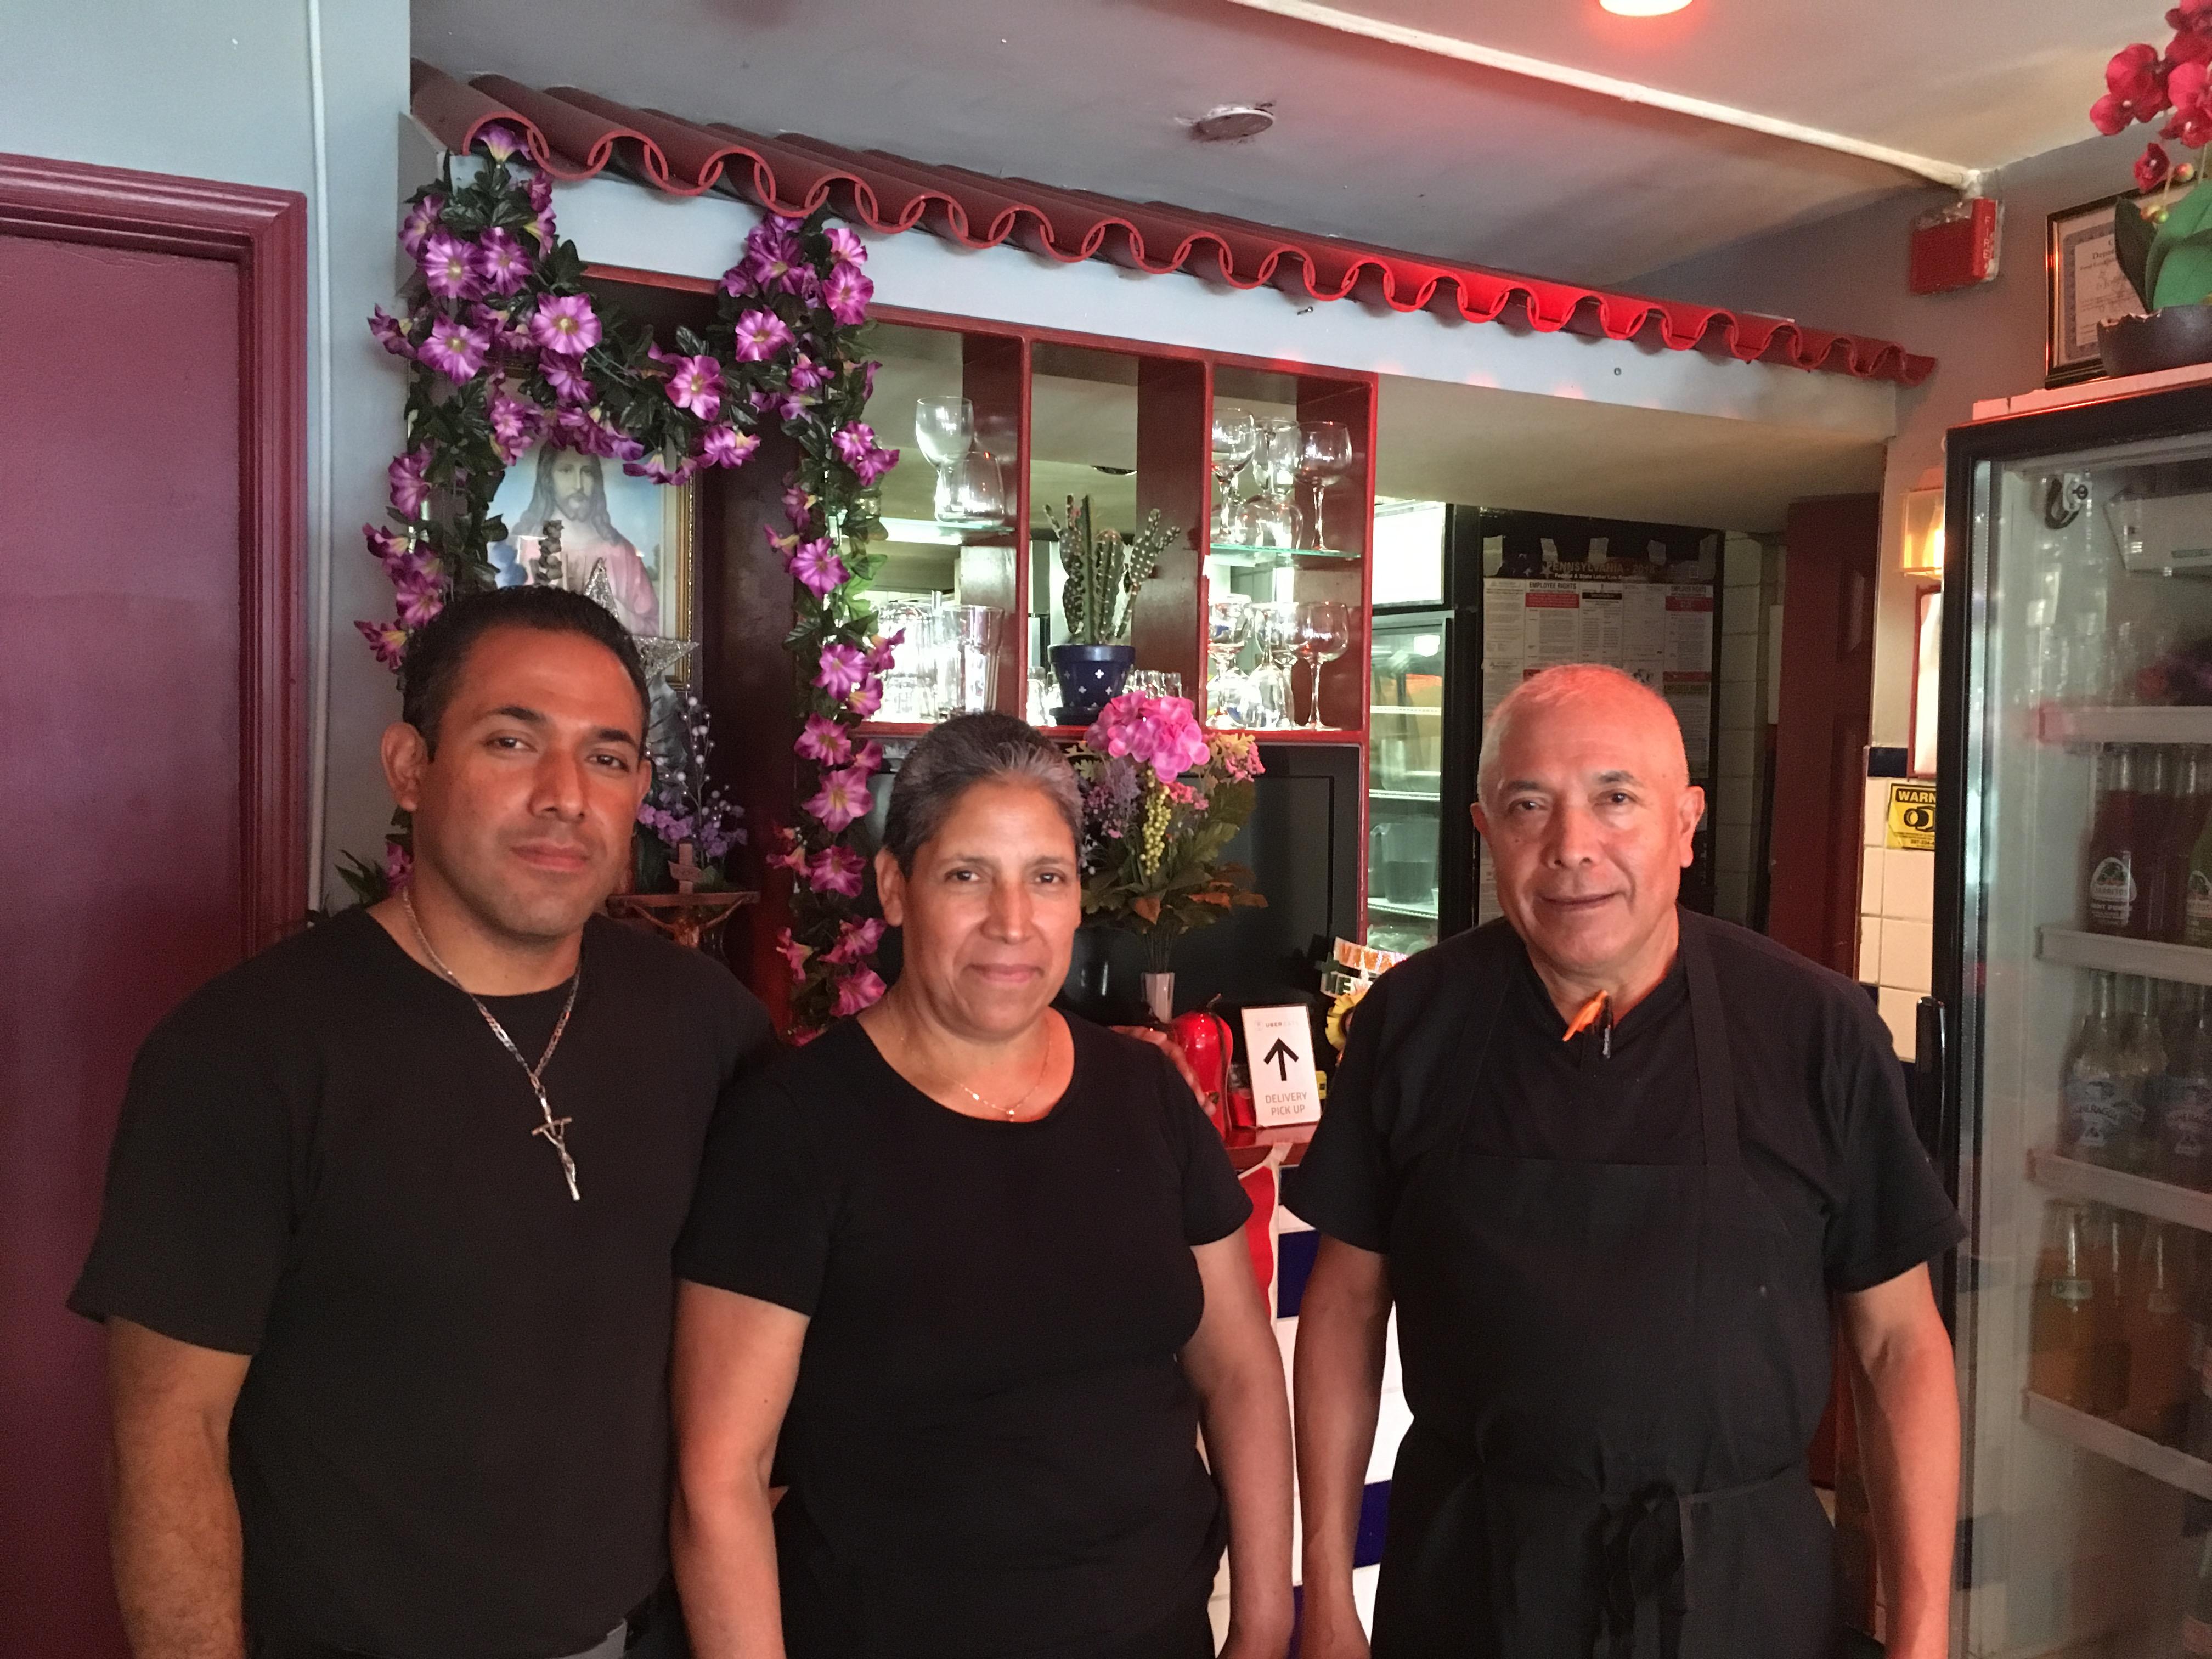 The family behind Mole Poblano